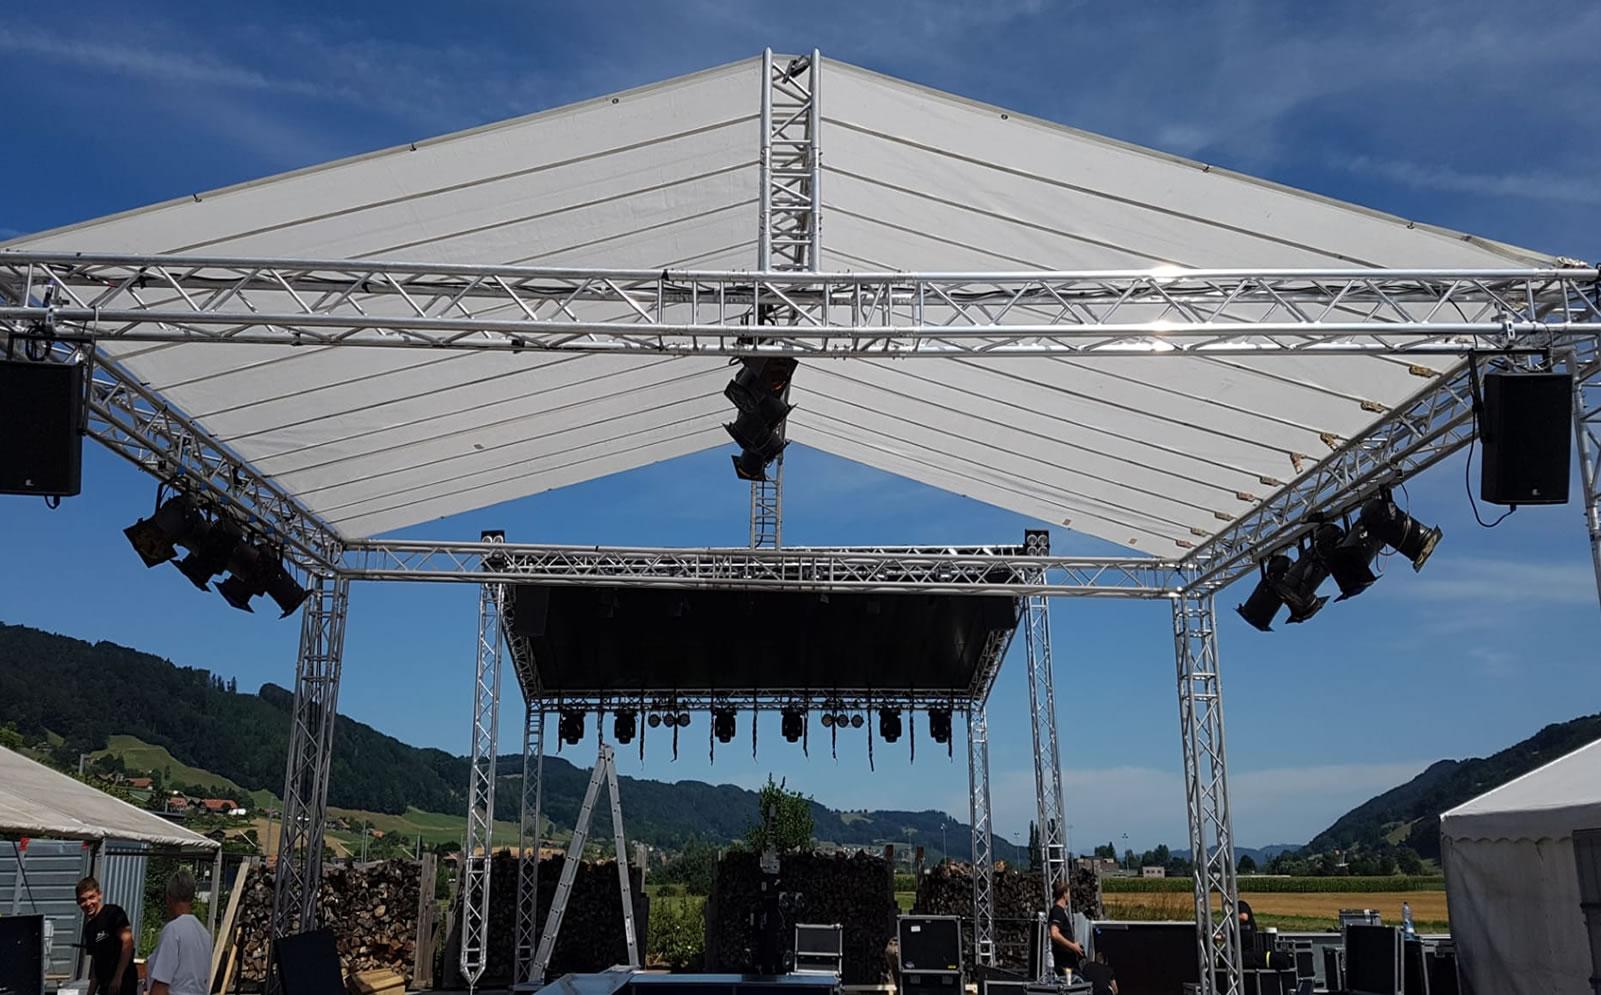 Alles für Ihren Event. Zeltbau, Bühnen, Rigging und mehr von USL Schweiz